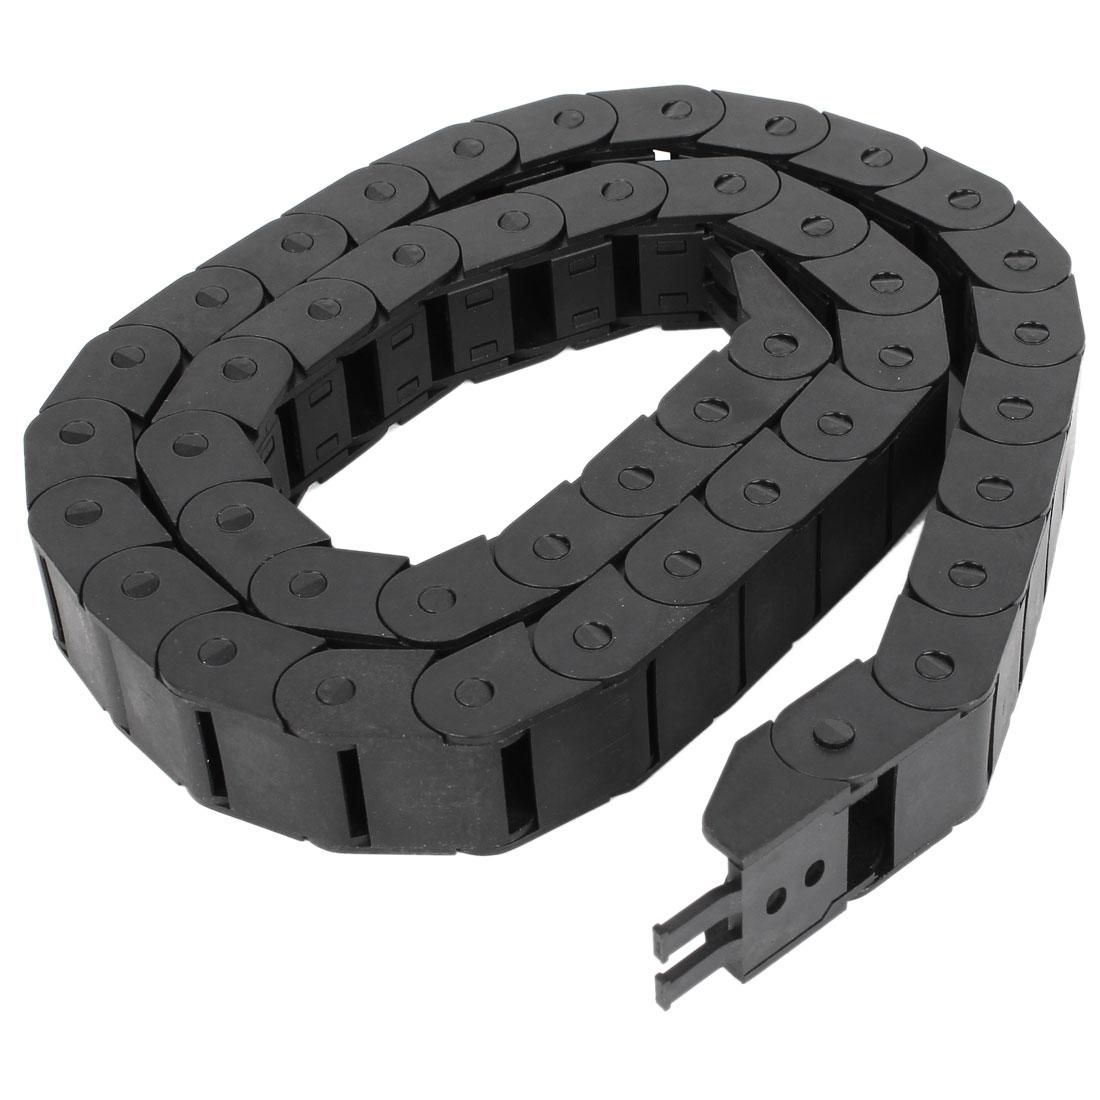 CNC Machine Black Plastic 15mmx20mm R5.5cm Cable Drag Chain 3.3Ft Long